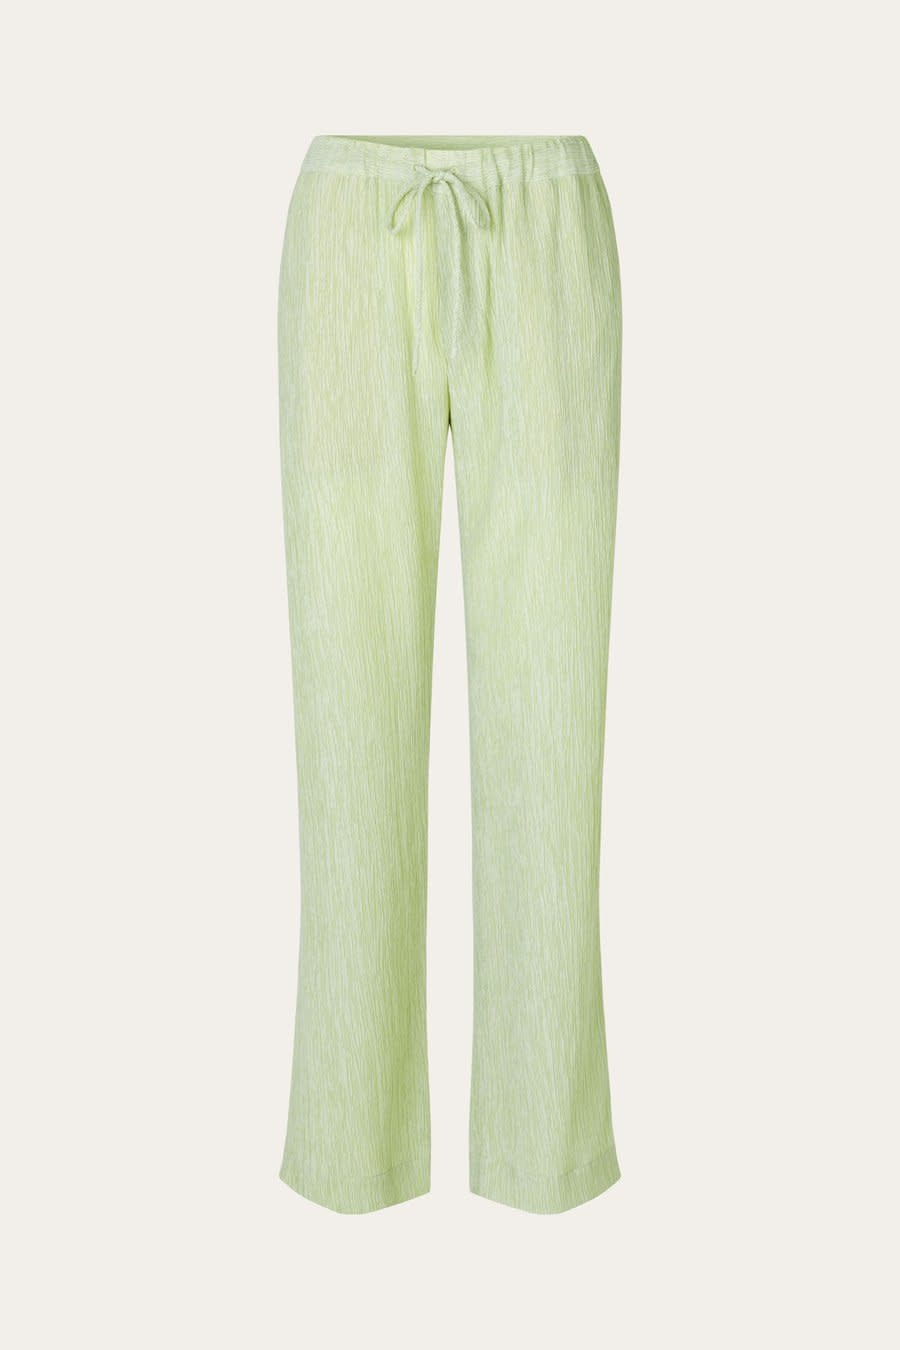 Gulcan Crinkled Tencel Pants-1